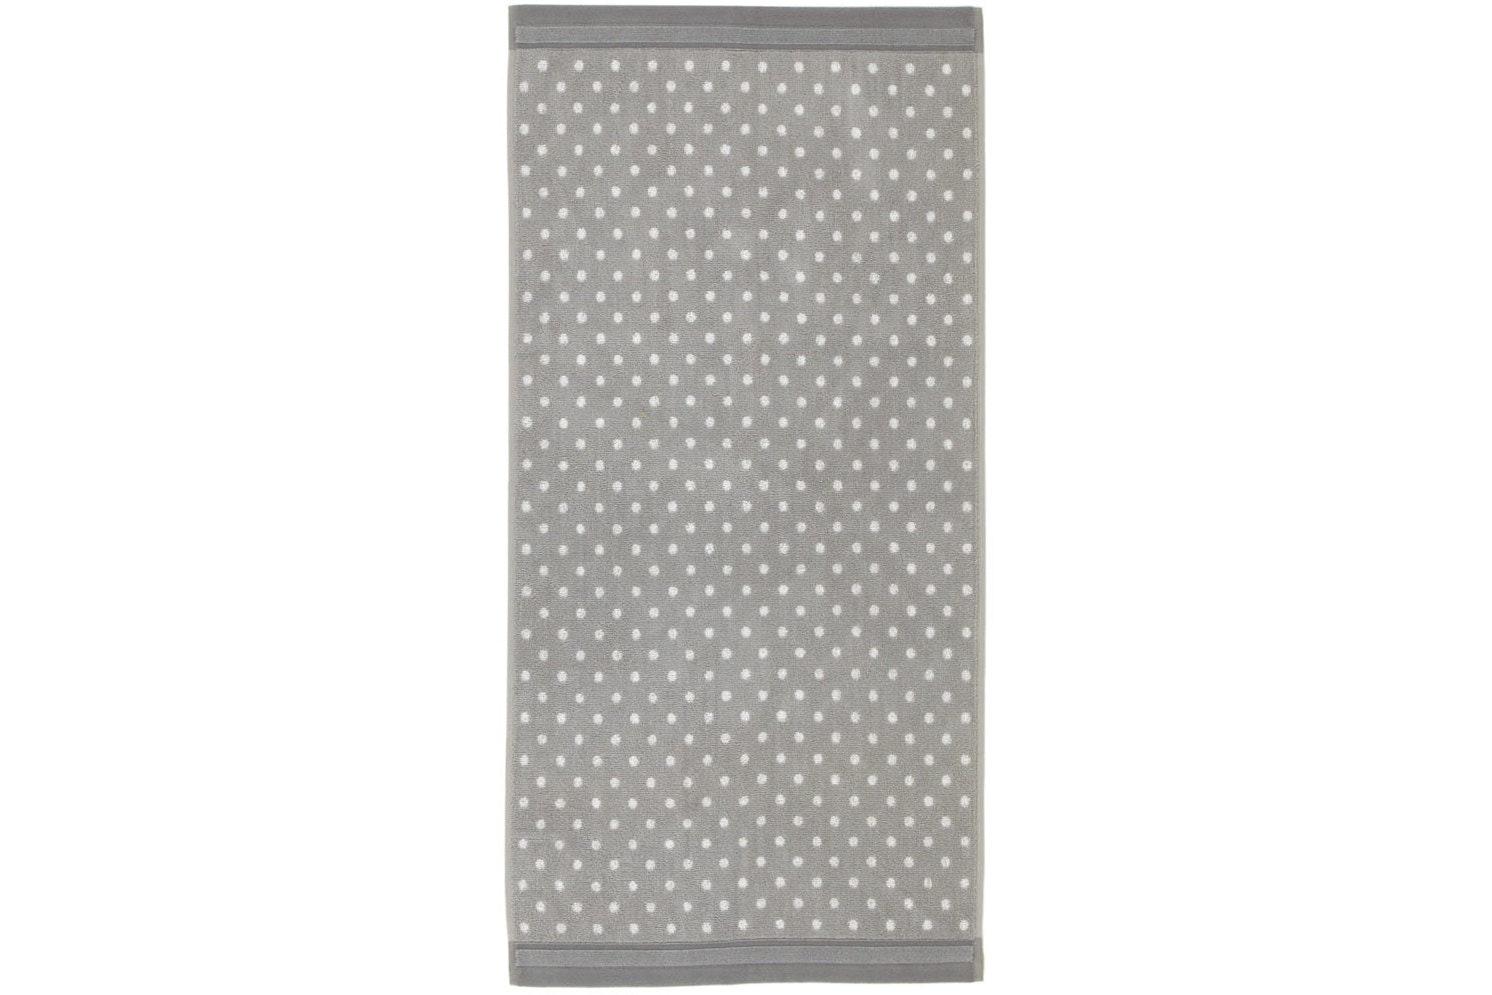 Spotty Hand Towel Grey | Jigsaw